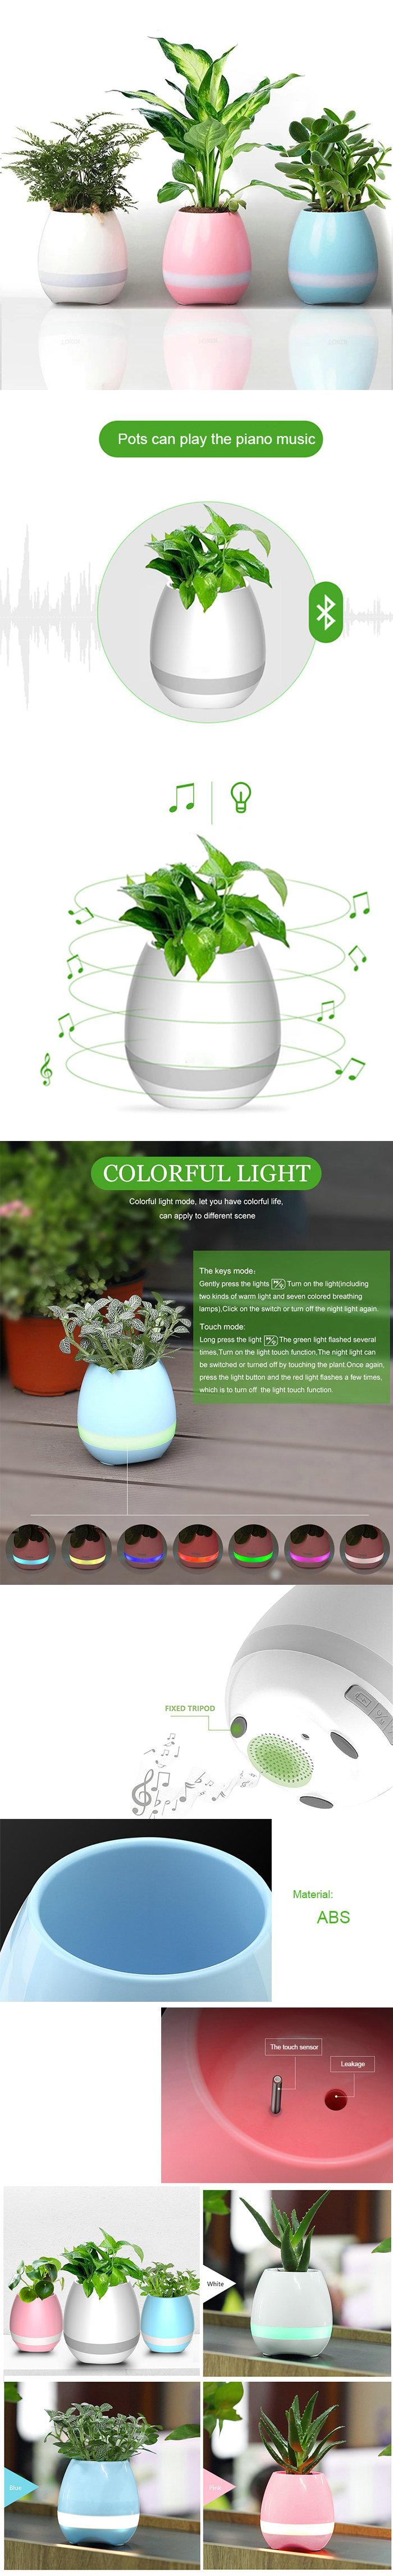 Musik Blumentopf Bluetooth Lautsprecher Drahtlos Smart Touch mit Nachtlicht Klavier auf einem echten Pflanzen spielen (Pflanzen nicht inklusive)